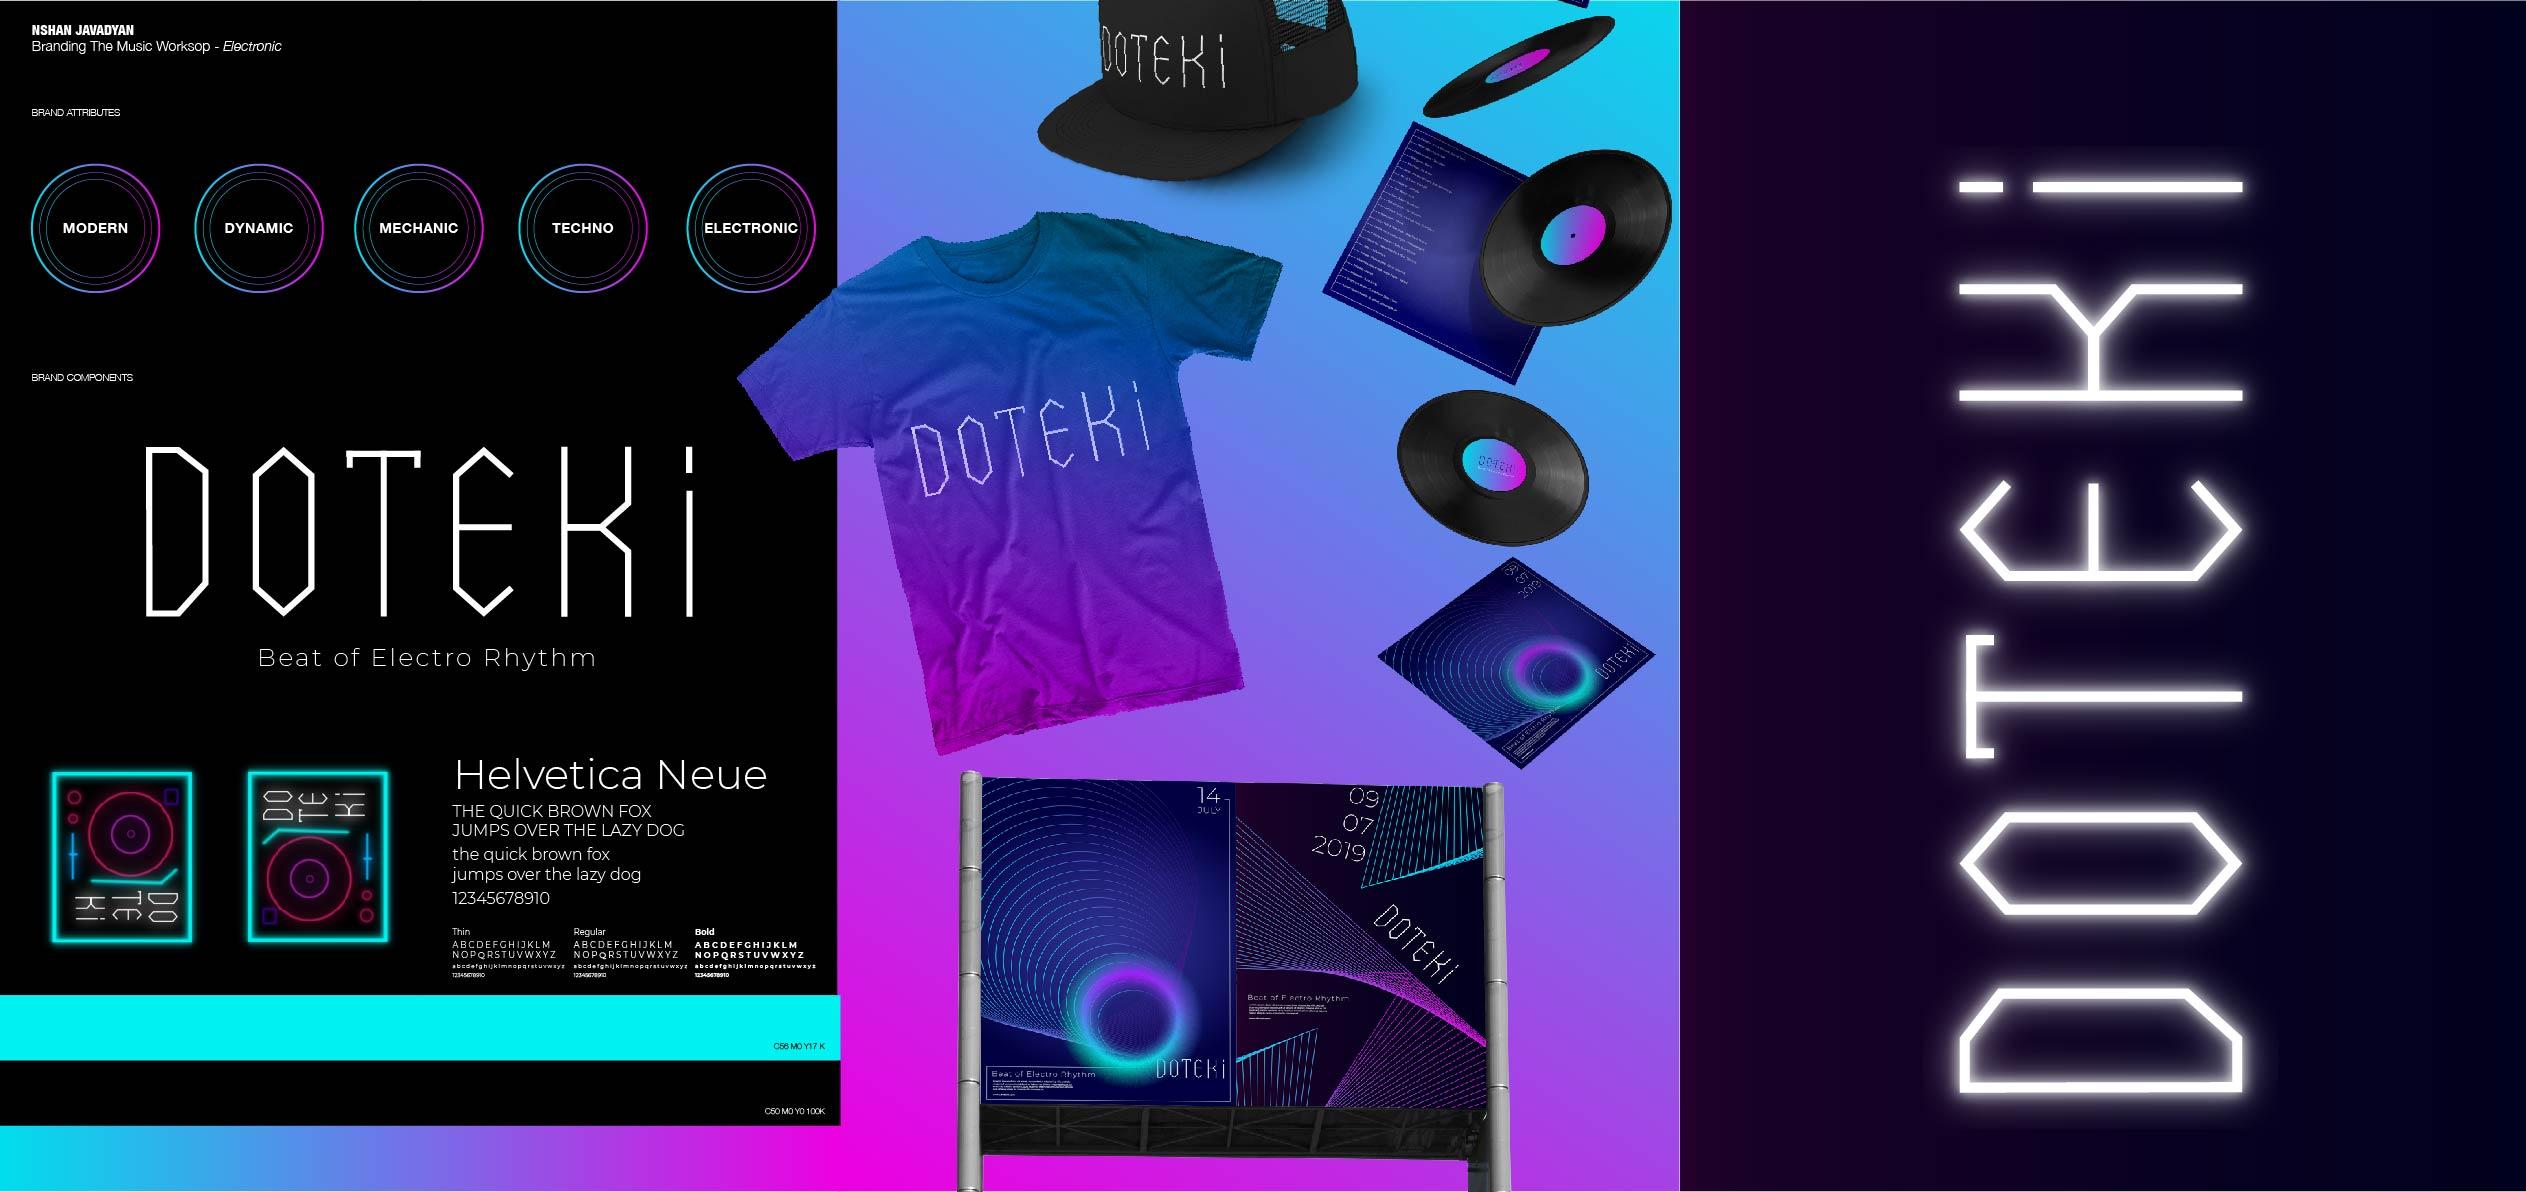 Nshan Javadyan Electronic - Branding Music Genres with Martin Zarian